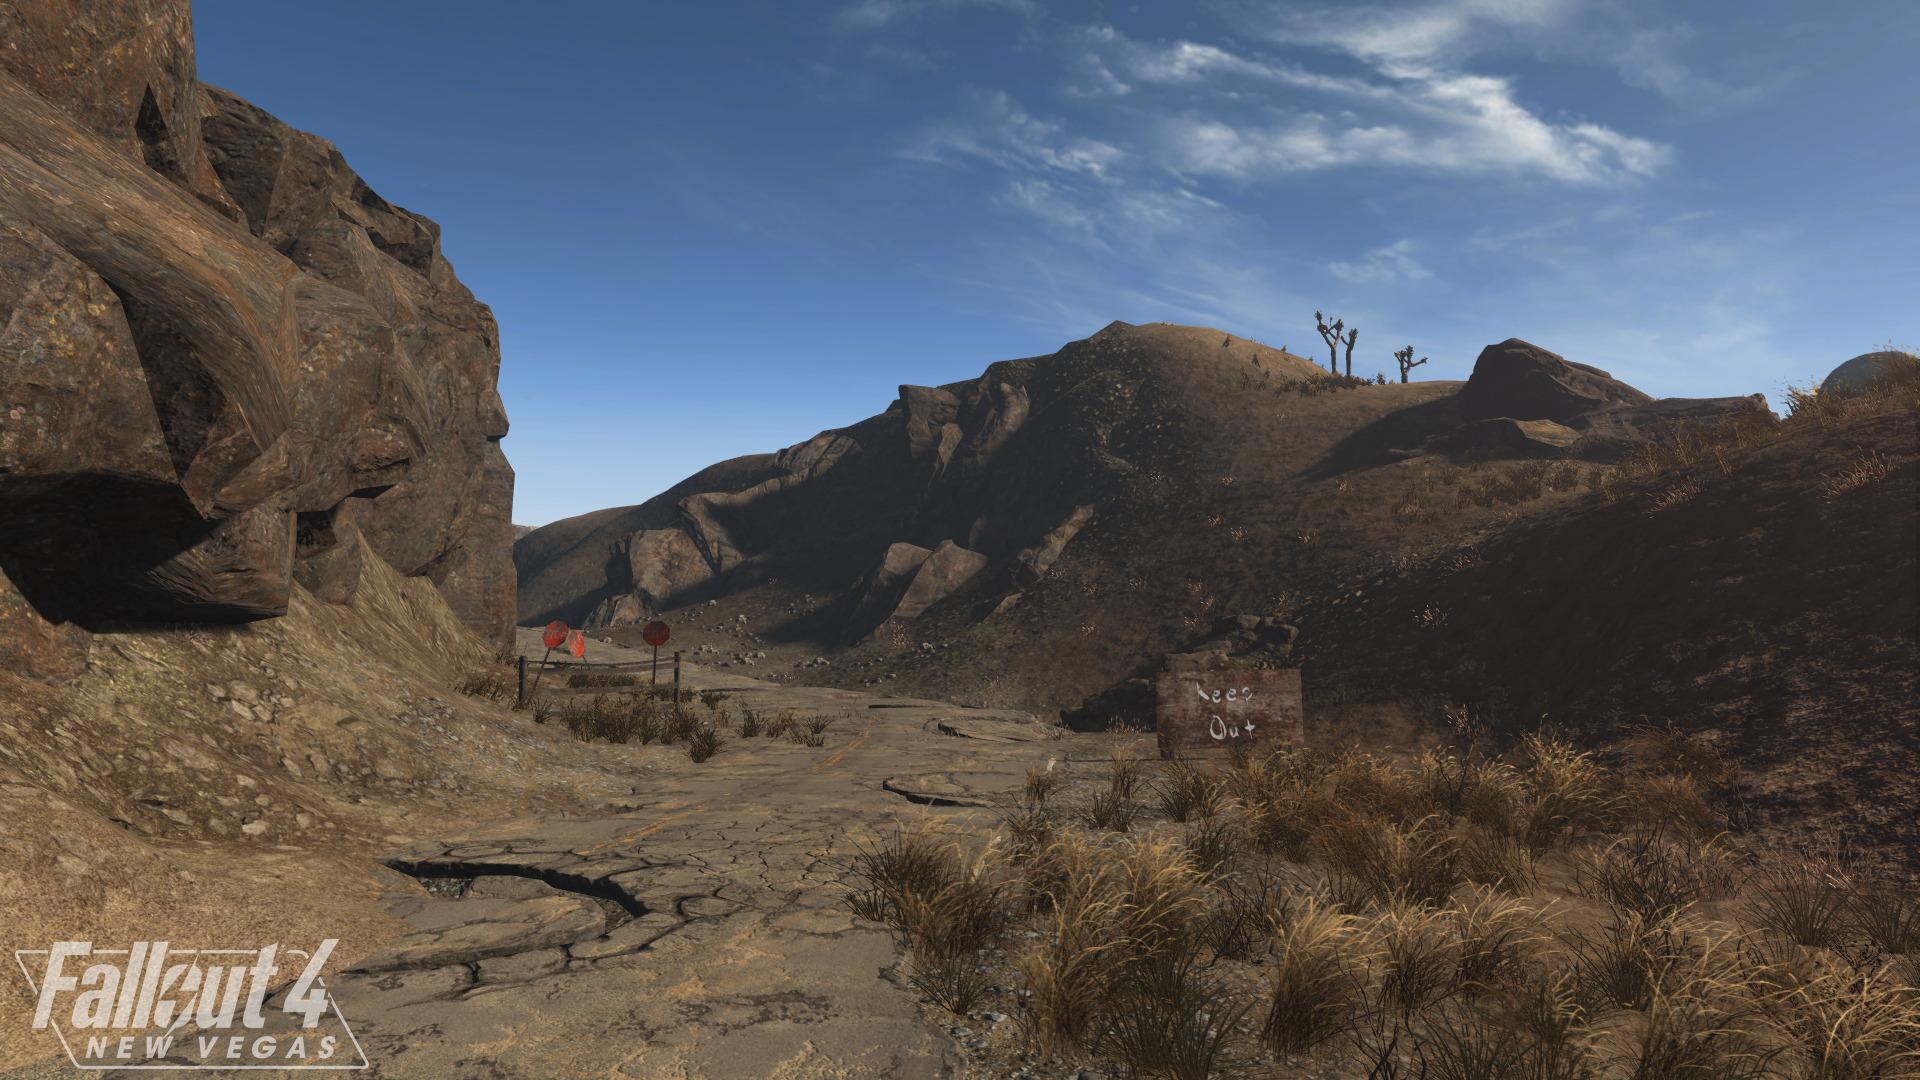 Разработка мода New Vegas для Fallout 4 продолжается